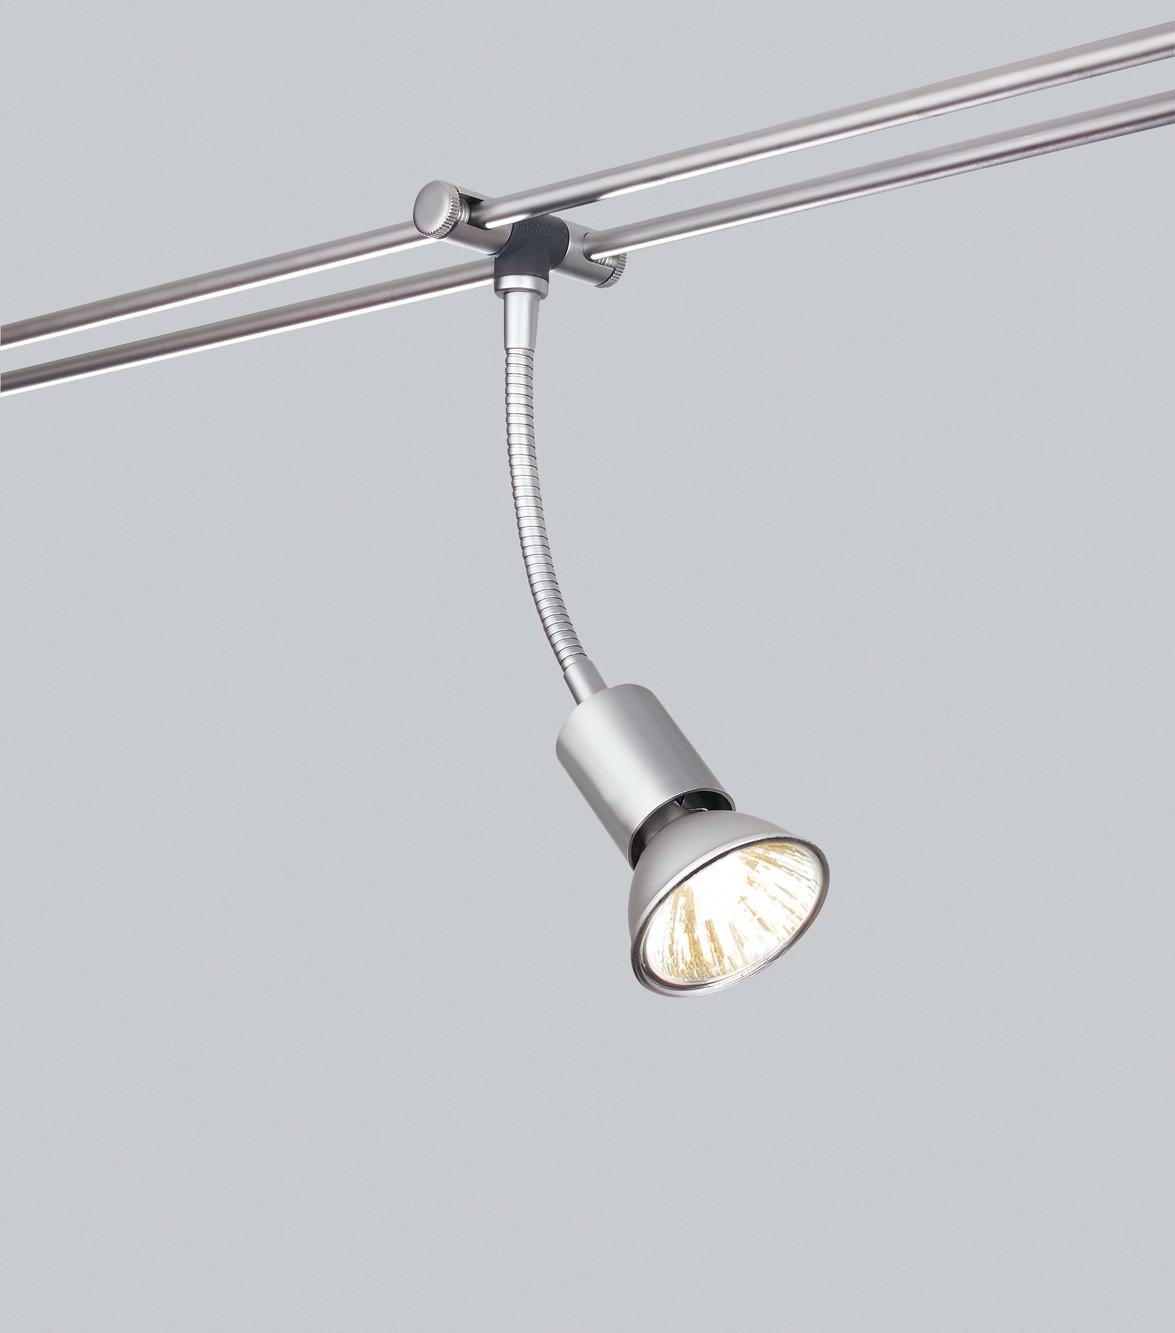 Paulmann 12V Einzelteile 97216 Rail System Light&Easy Spice Spot Basil 1x35W GU5,3 Chrom matt 12V Metall